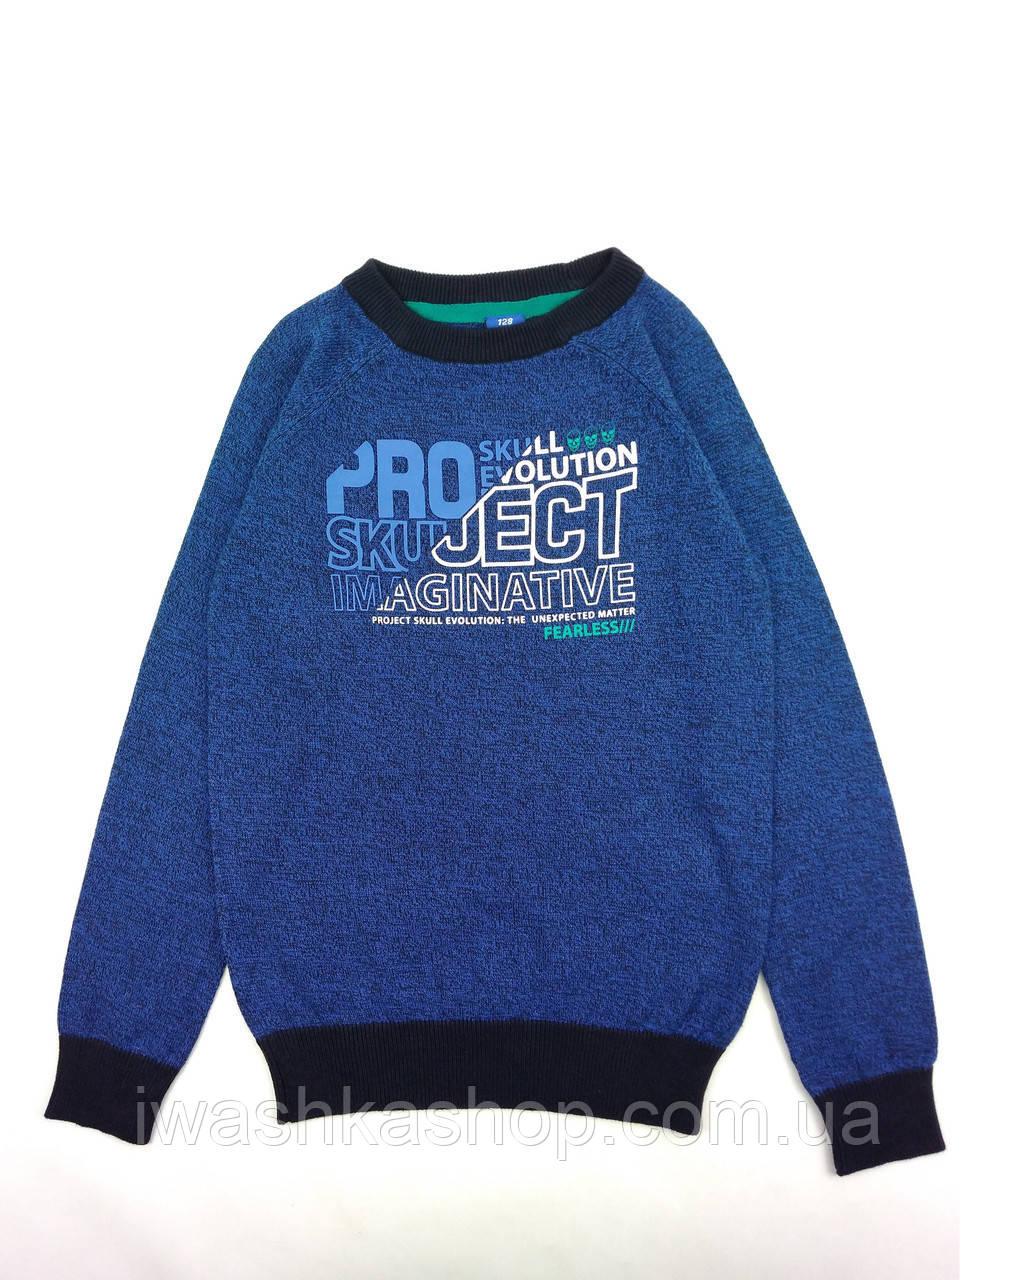 Синий джемпер для мальчика 8 - 10 лет, размер 134 - 140, Y.F.K